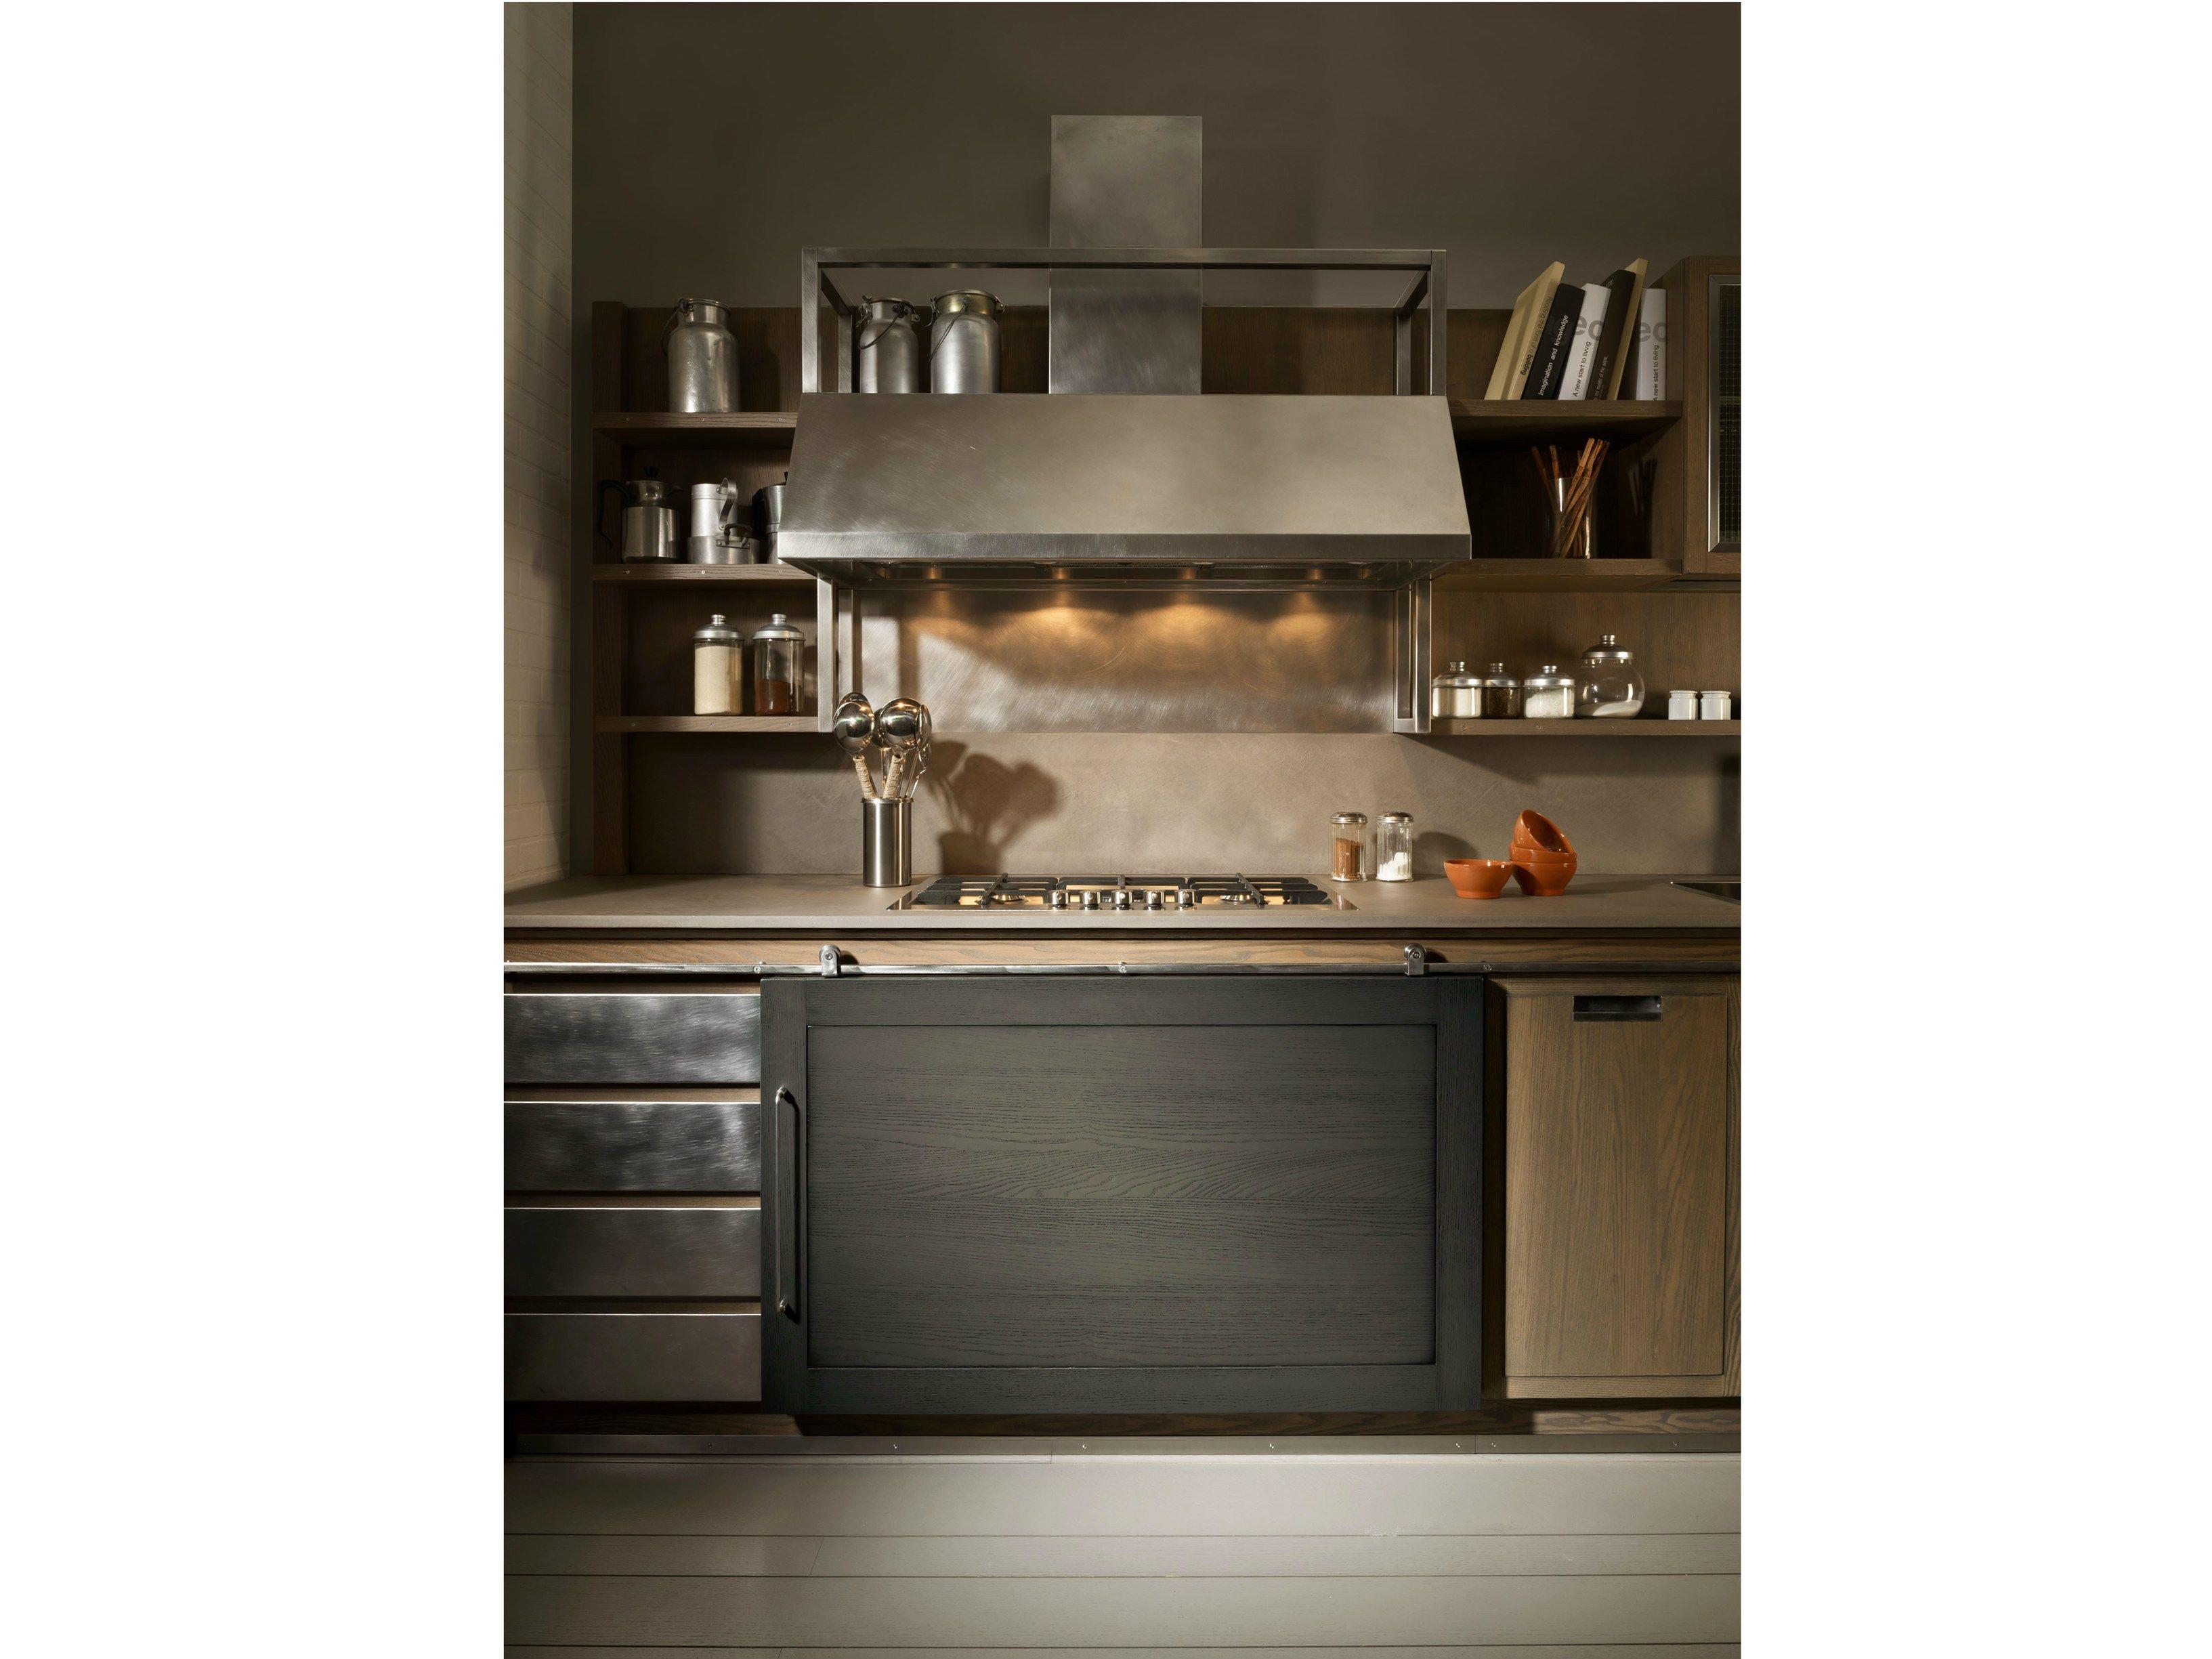 Industrial chic cucina con isola by l 39 ottocento - L ottocento mobili ...